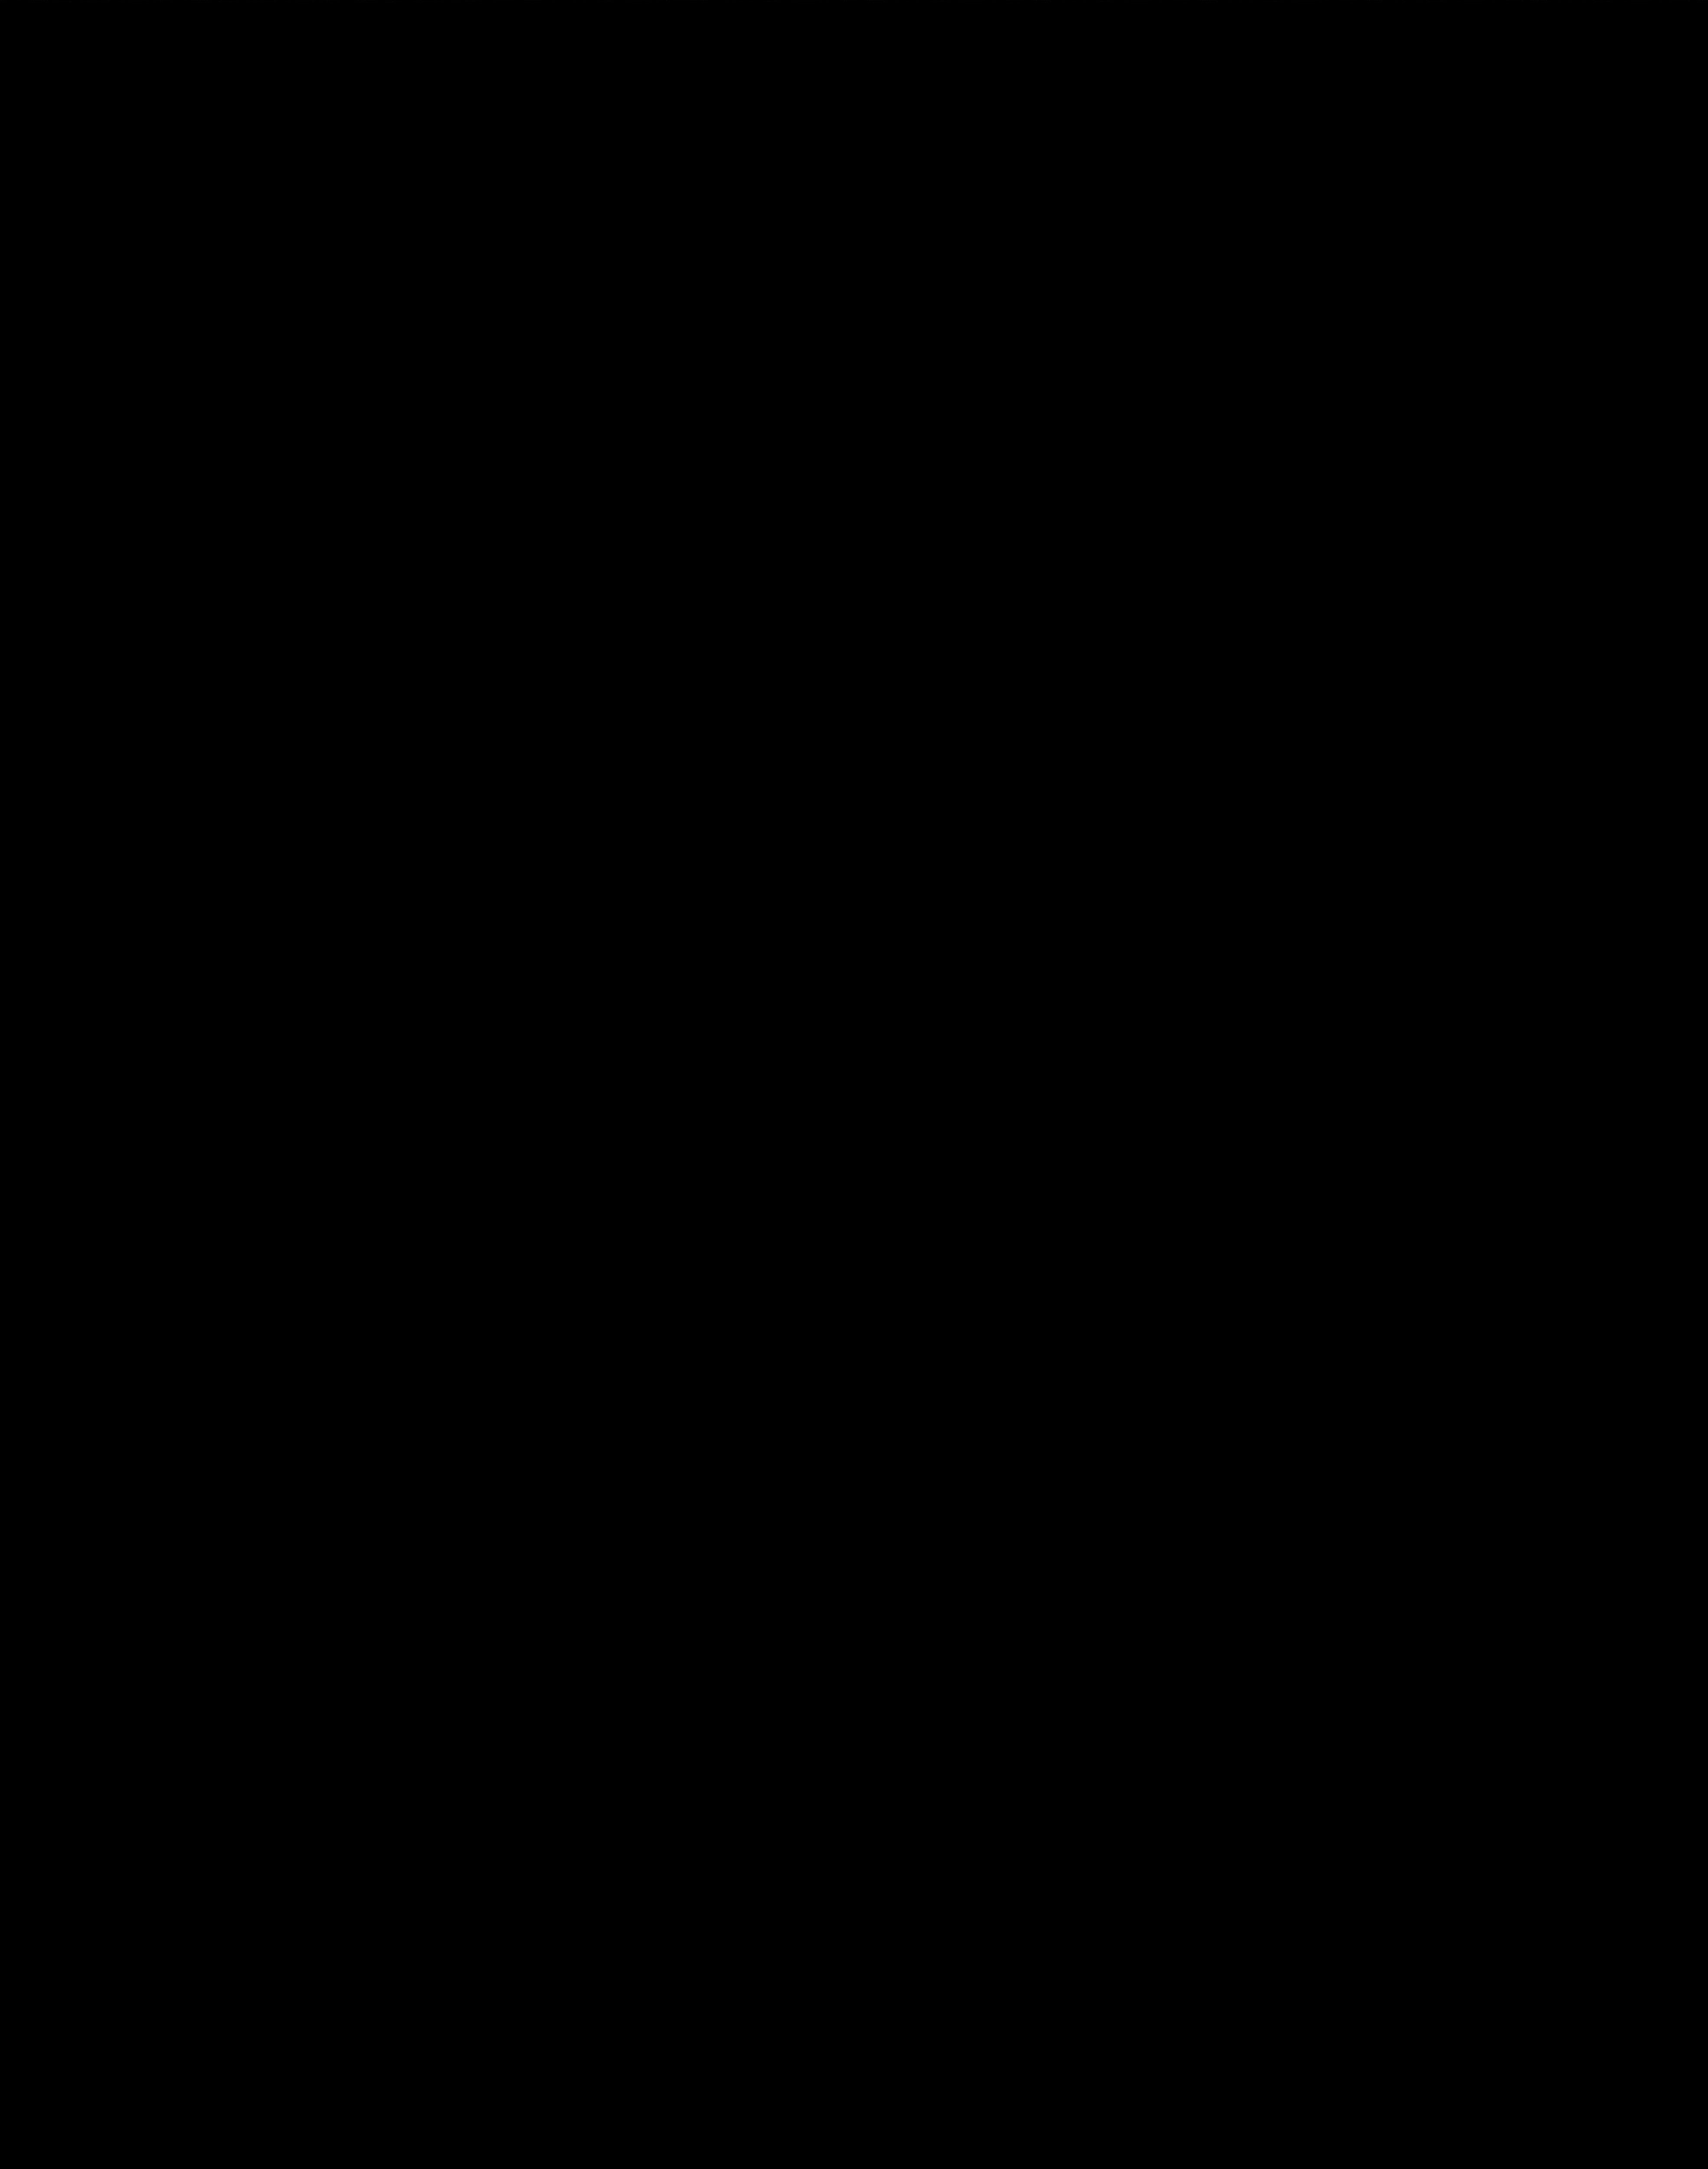 20151213_007.jpg